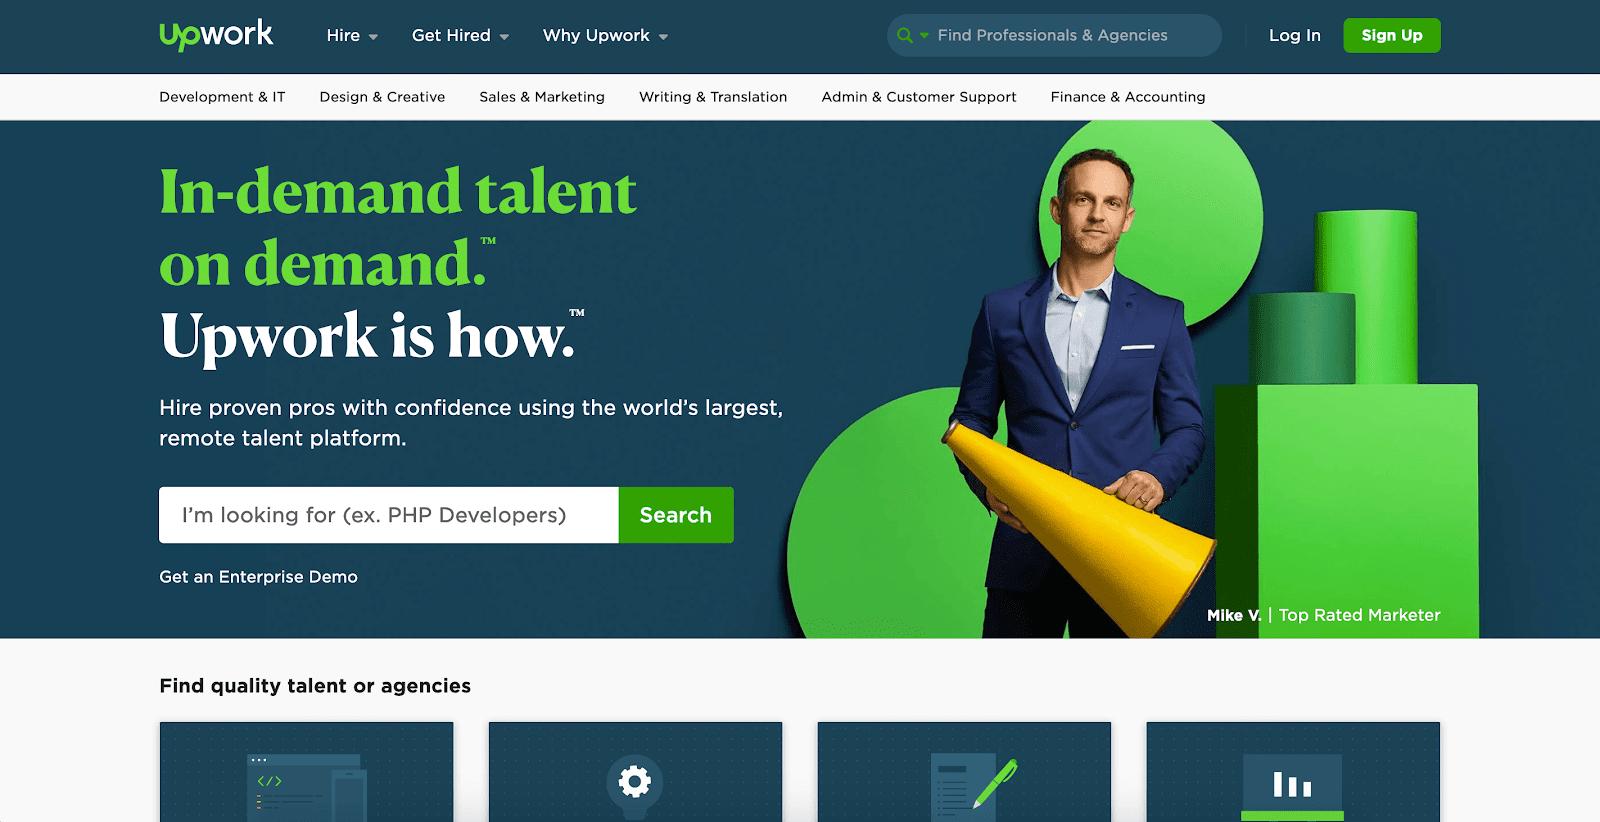 A screenshot of Upwork's website